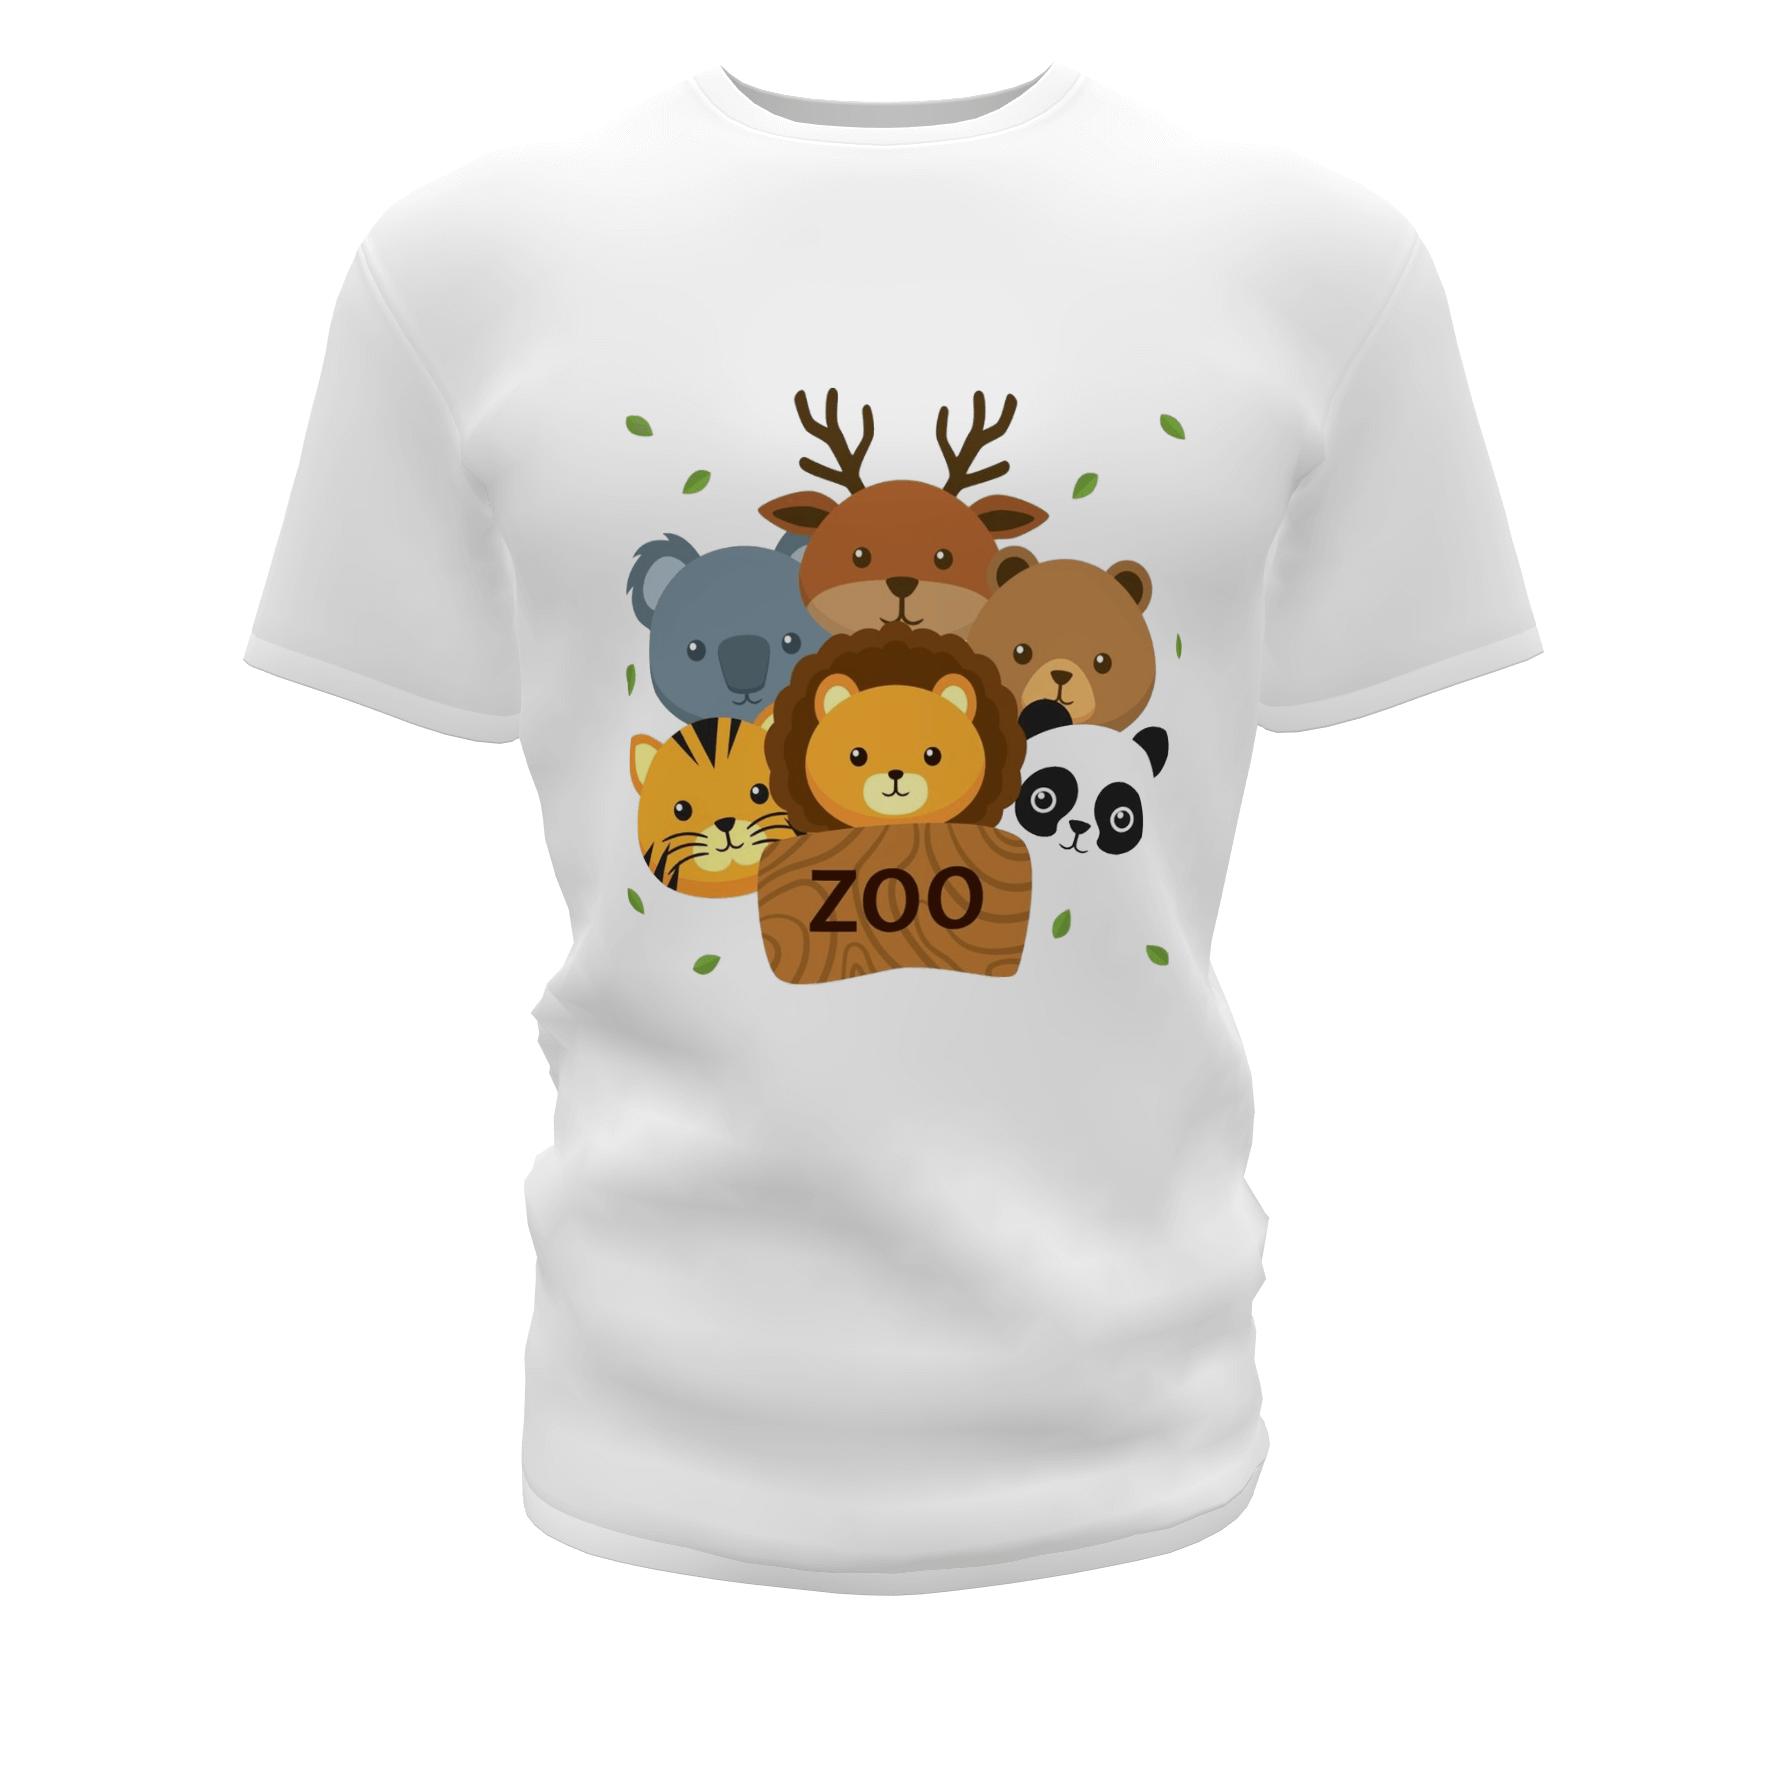 Camisetas Personalizadas para Crianças